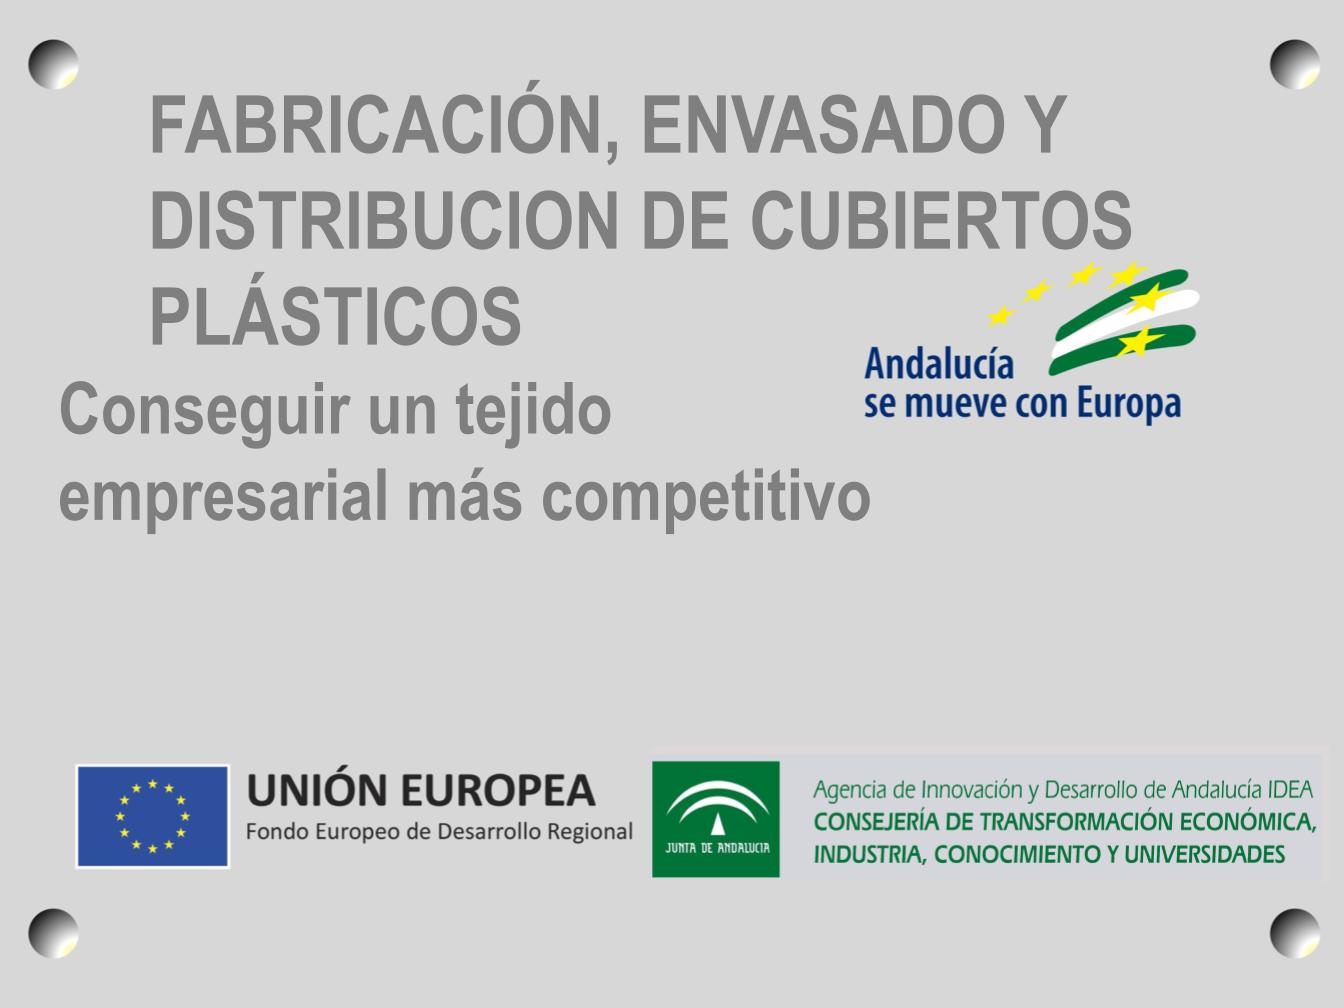 Gallegoplast, S.L. ha recibido incentivo de la Agencia de Innovación y Desarrollo de Andalucía